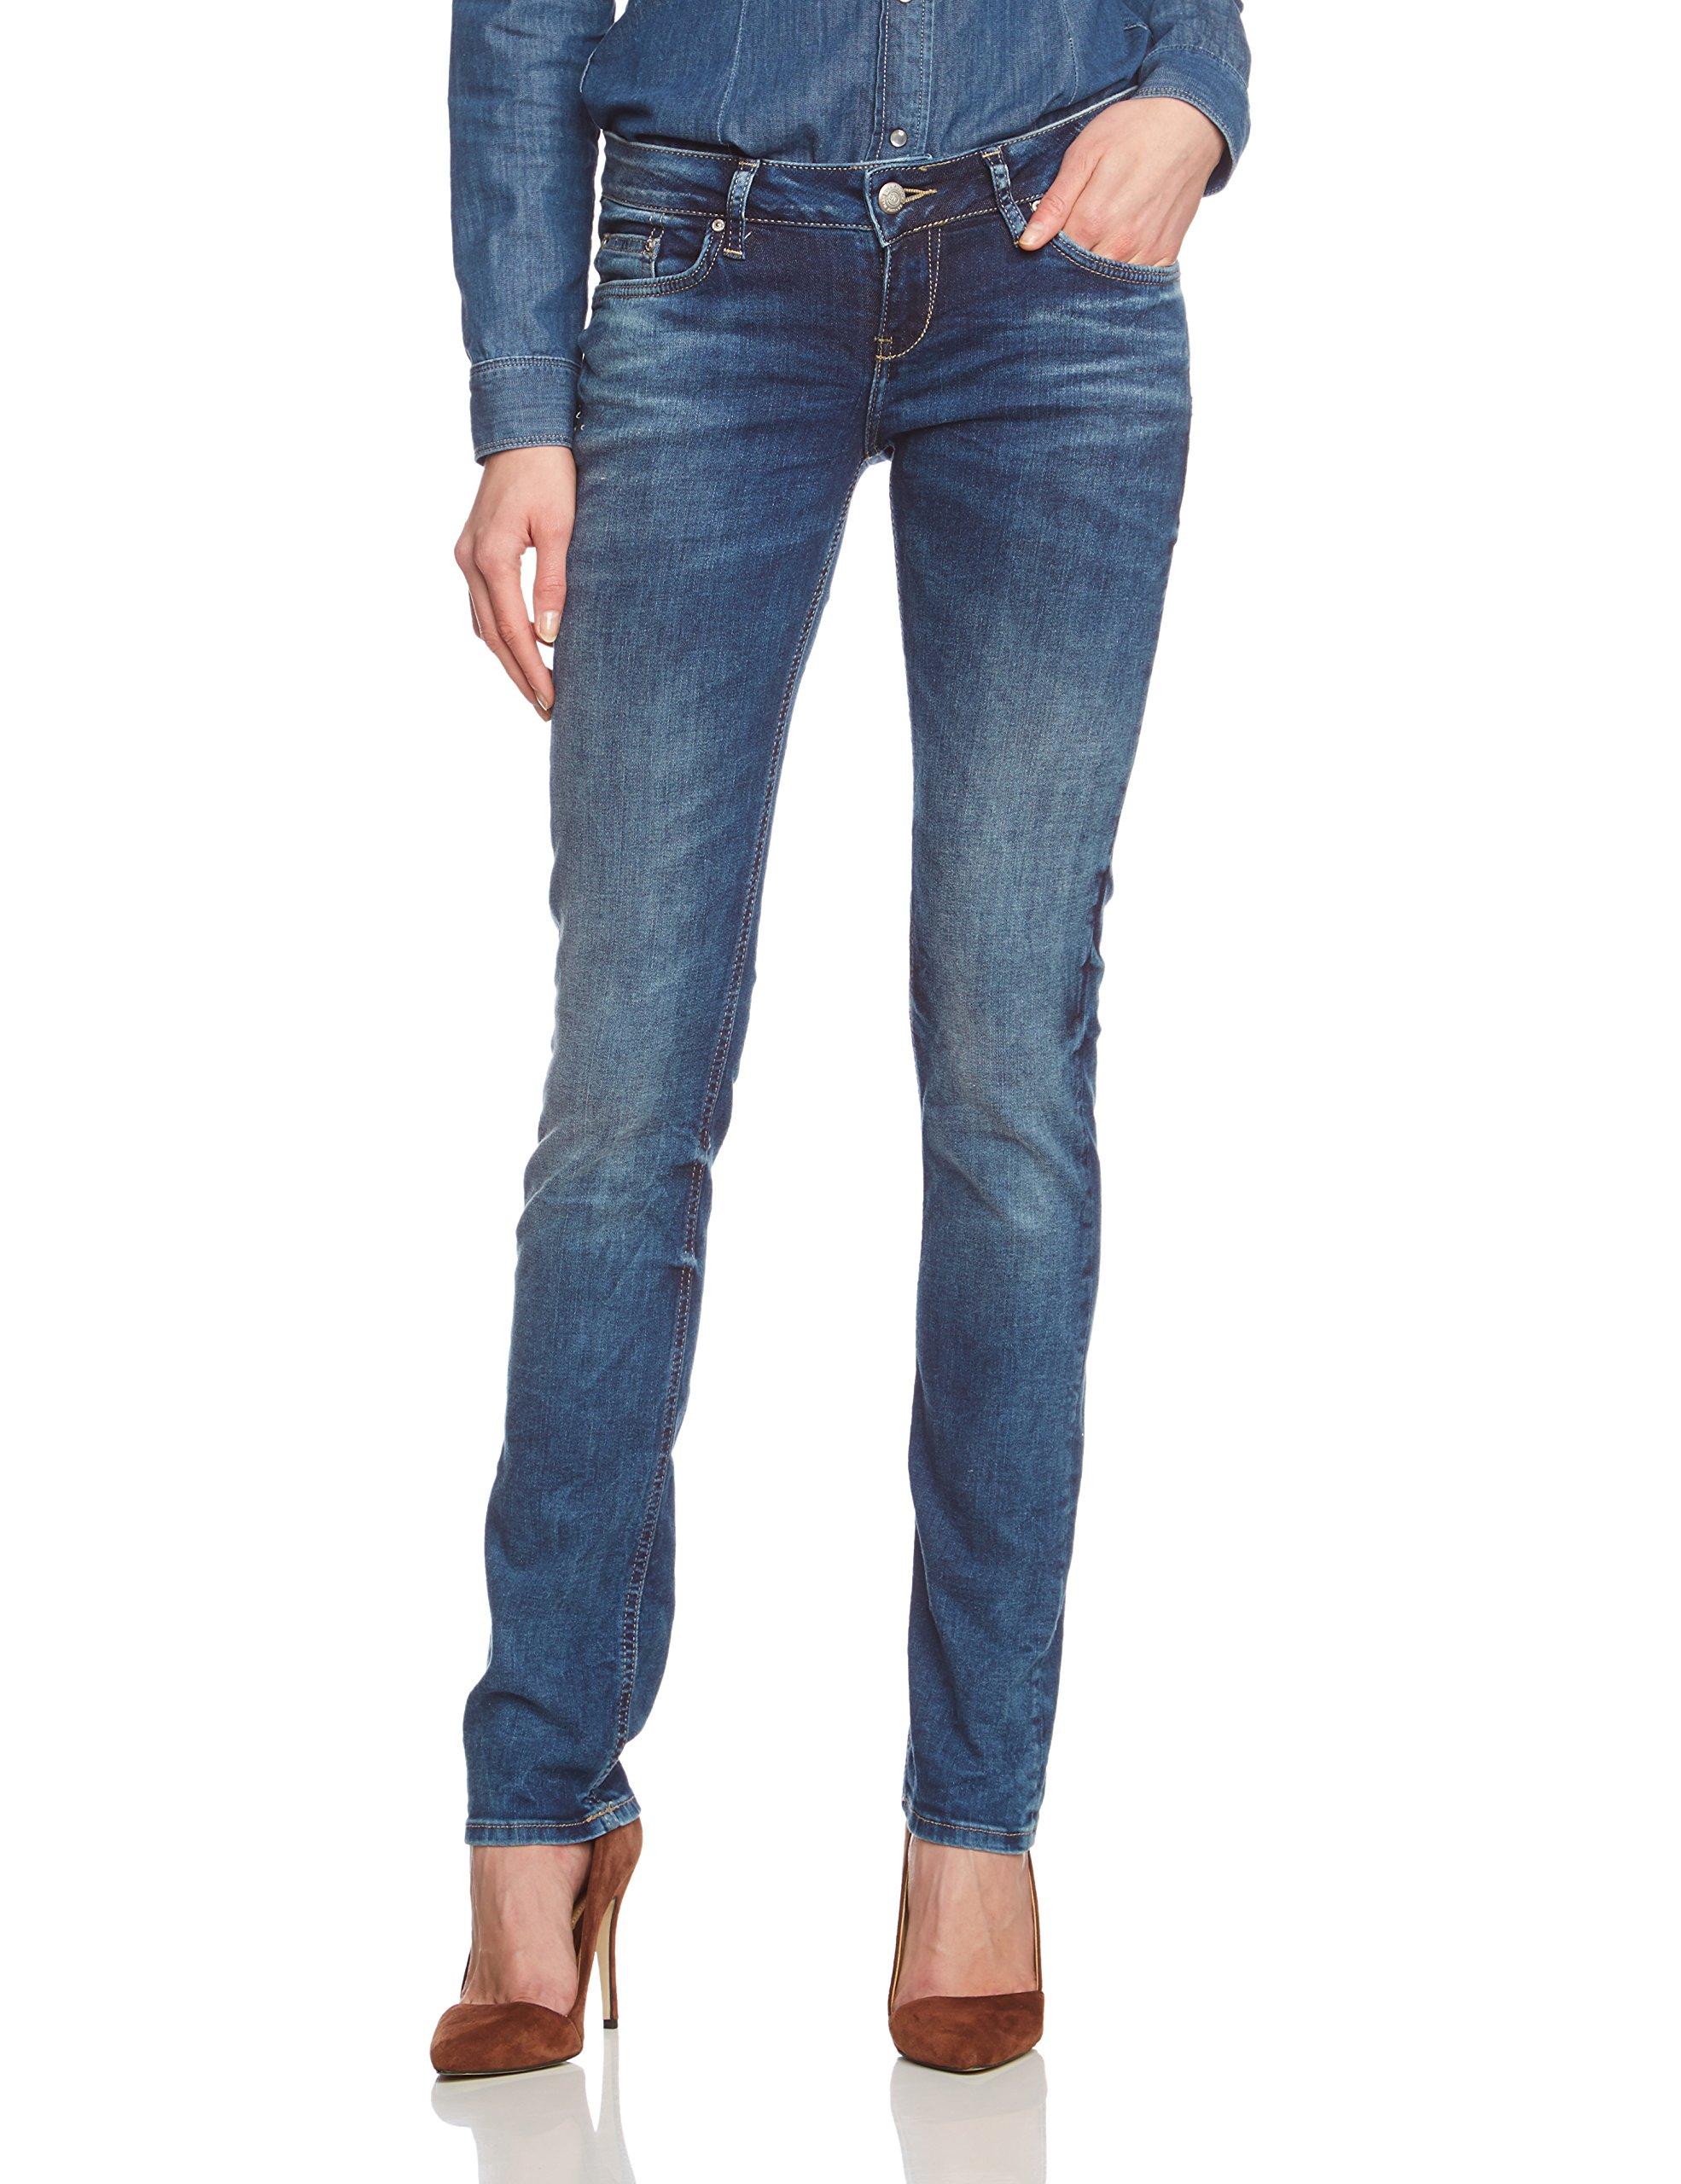 Wash AspenSlim Jeans 3923W33 l36taille Ltb Femme Lapis Bleublue Fabricant33 lcKT1J3F